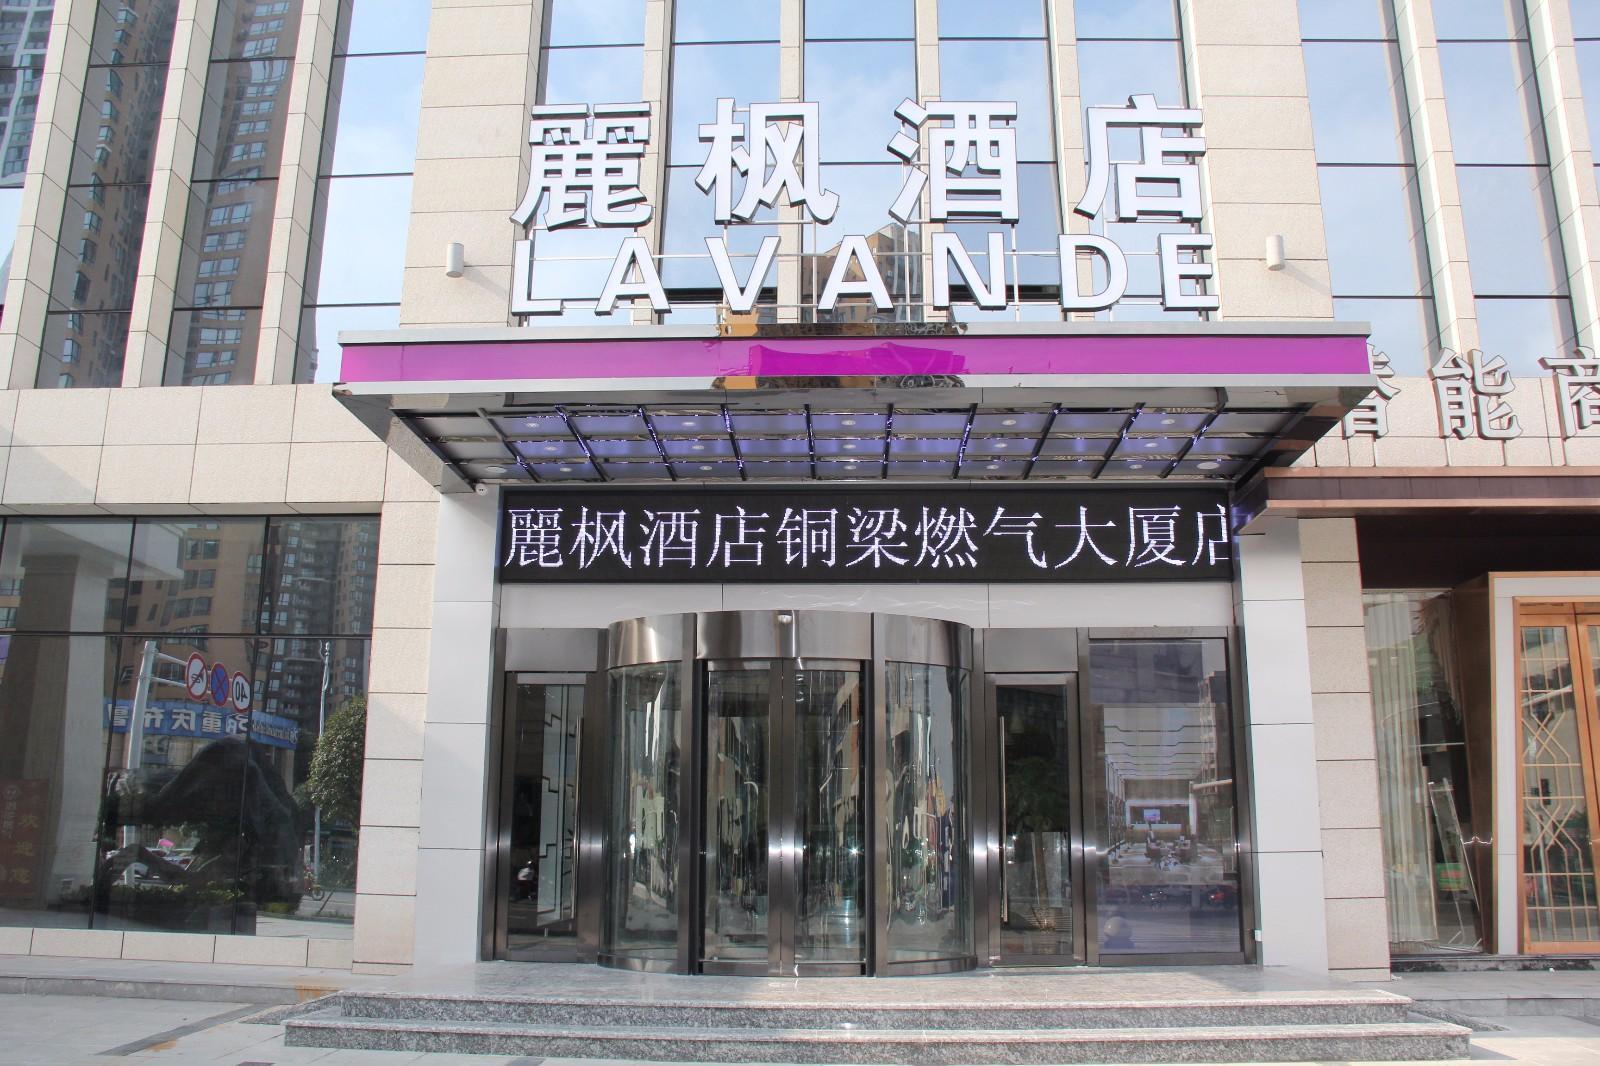 Lavande Hotel Chongqing Tongliang Gas Building